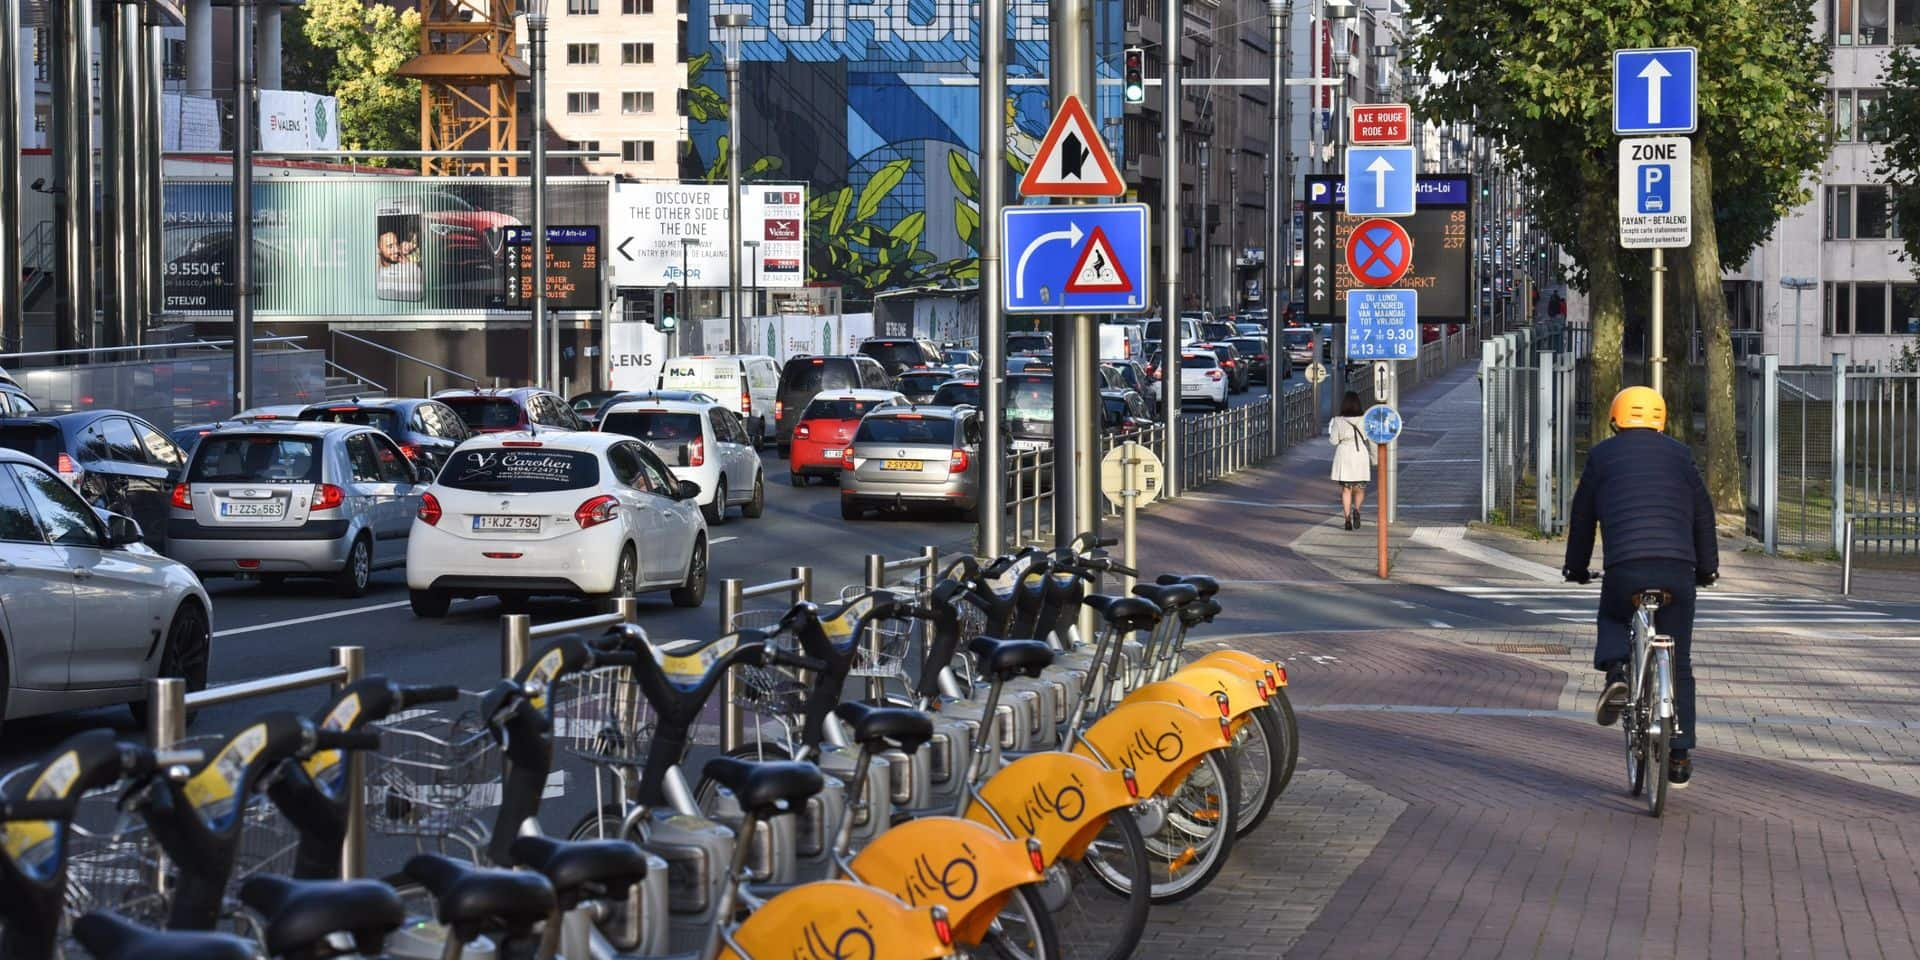 Un dispositif anti-angle mort testé à Bruxelles auprès de cent cyclistes